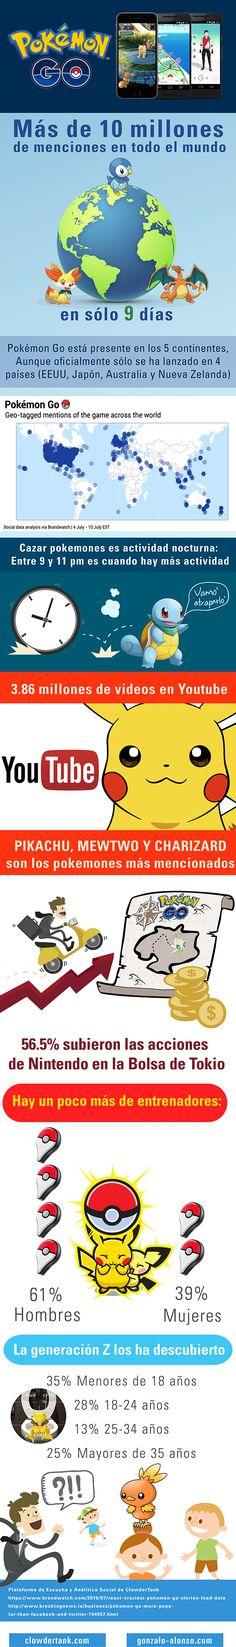 Infografía sobre el exito en 1 semana de #PokemonGo